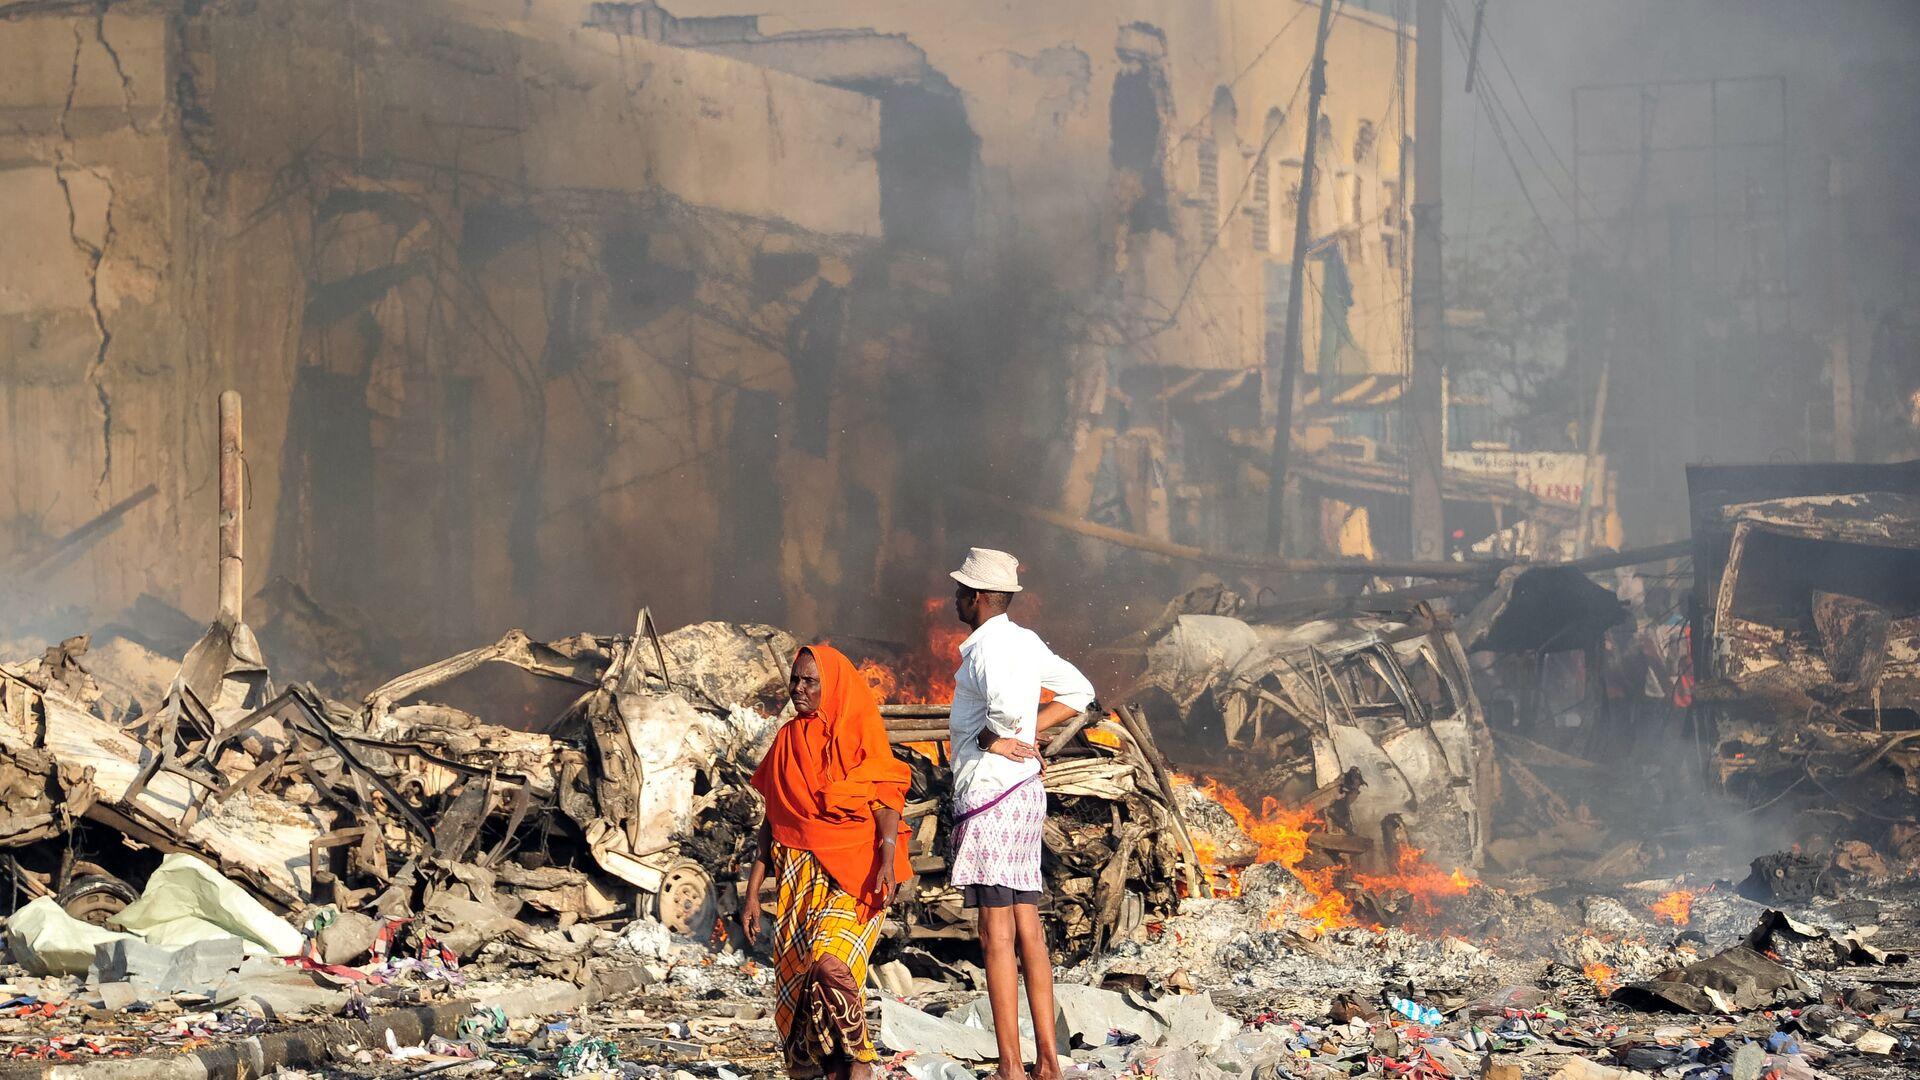 На месте врзыва в Могадишо в Сомали. 14 октября 2017 - РИА Новости, 1920, 14.09.2021